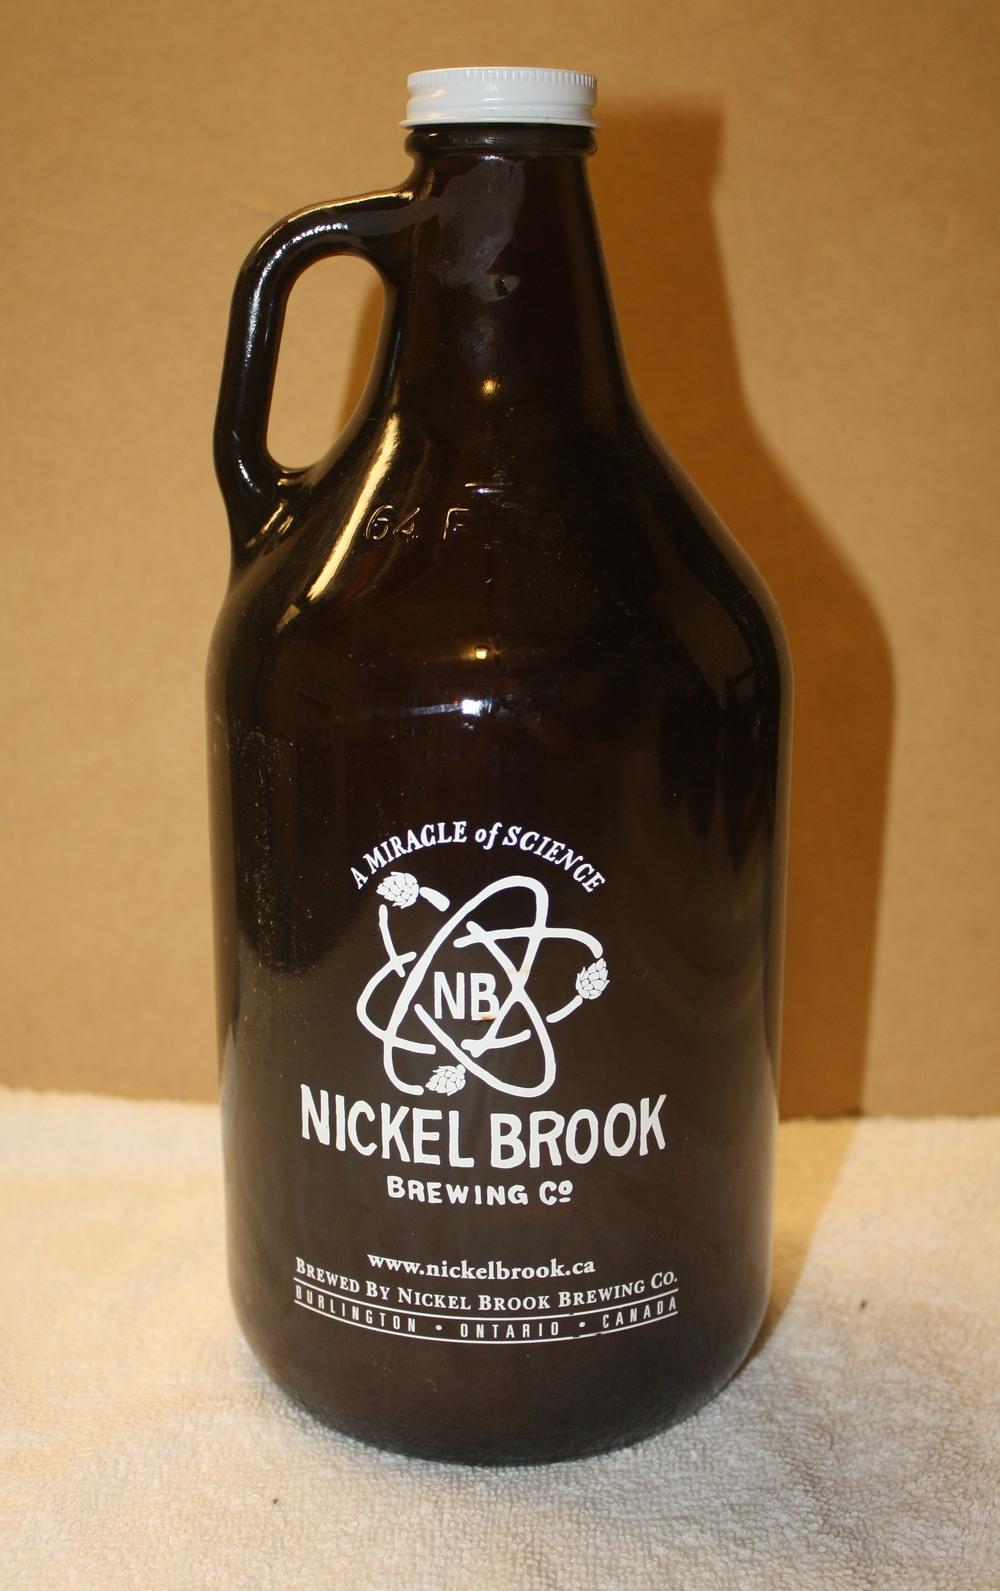 GR - Nickel Brook Brewing (ON)